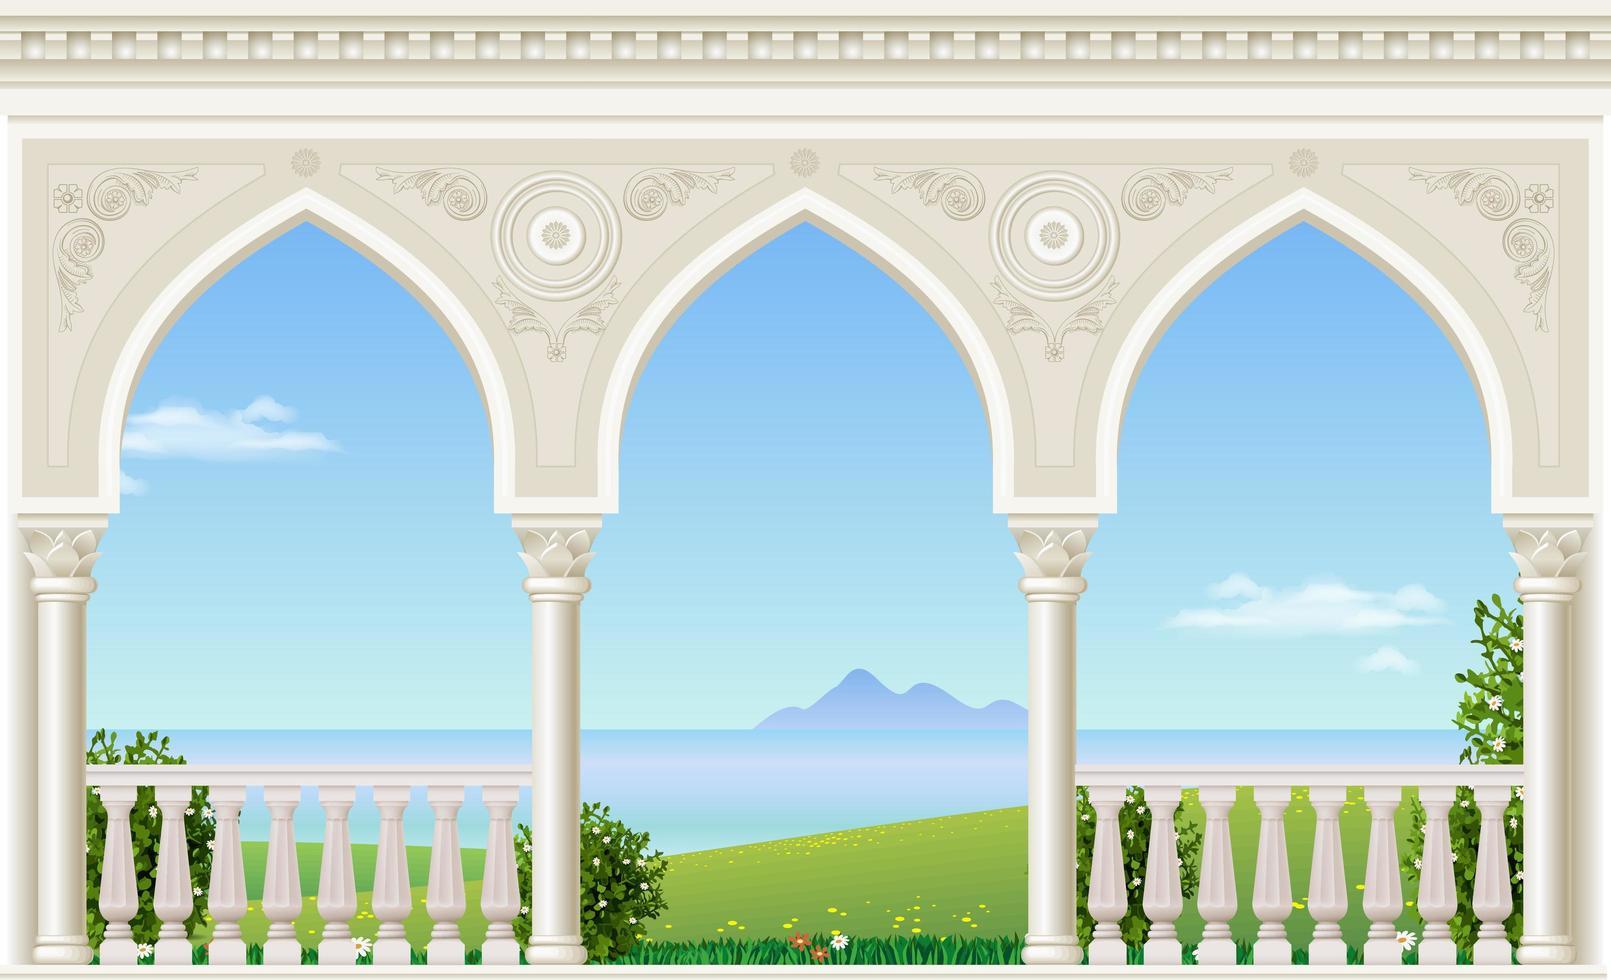 palats balkong med utsikt över havet vektor